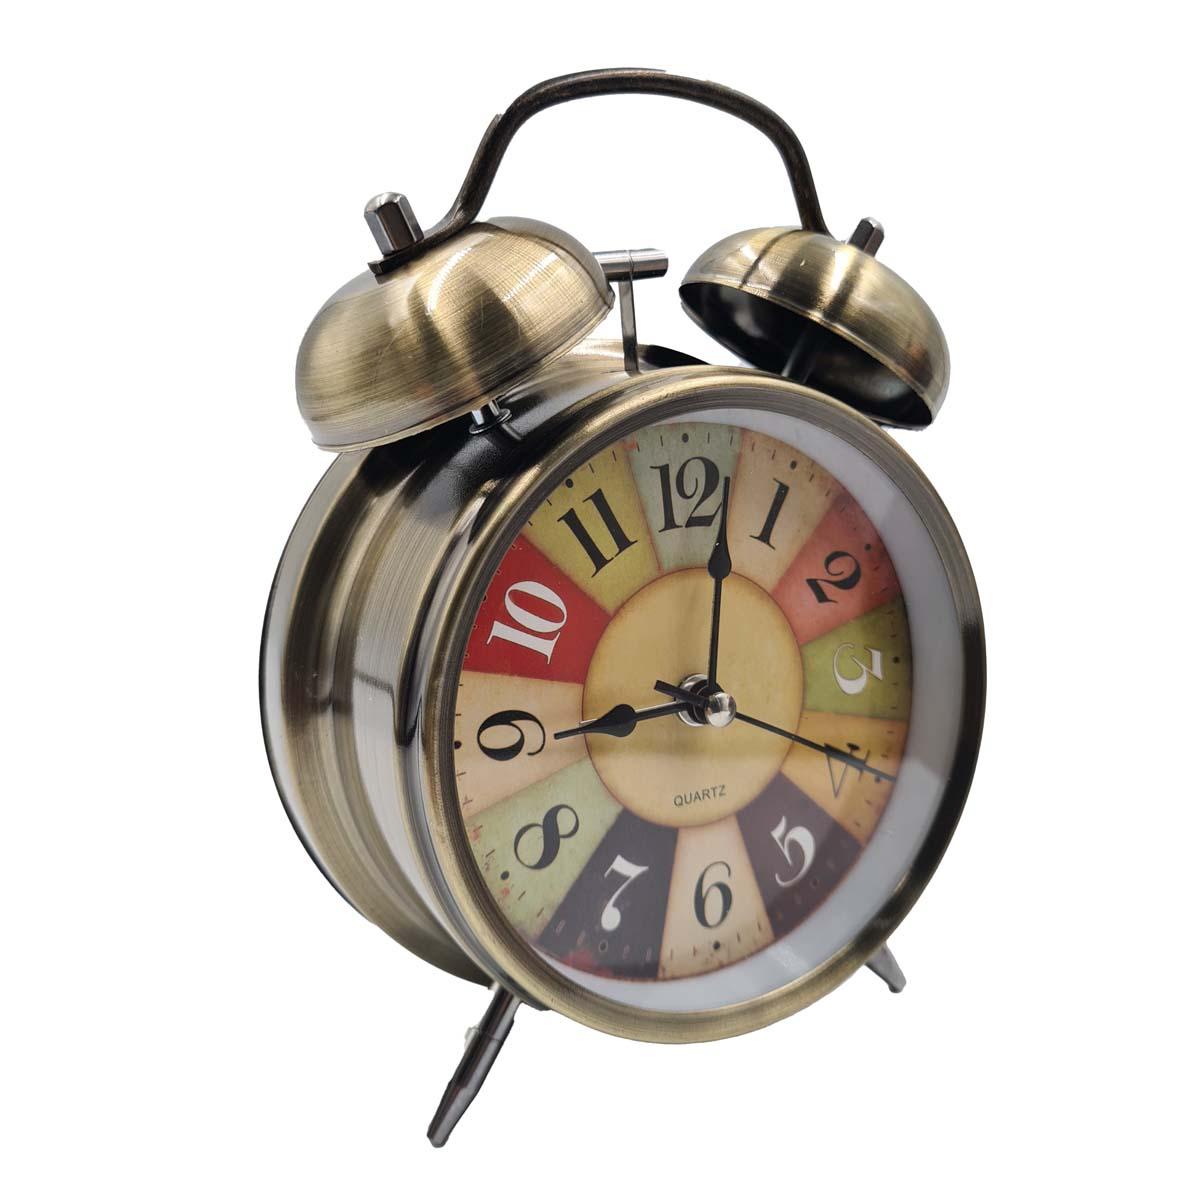 Relógio Retrô com Despertador Vintage Cassino